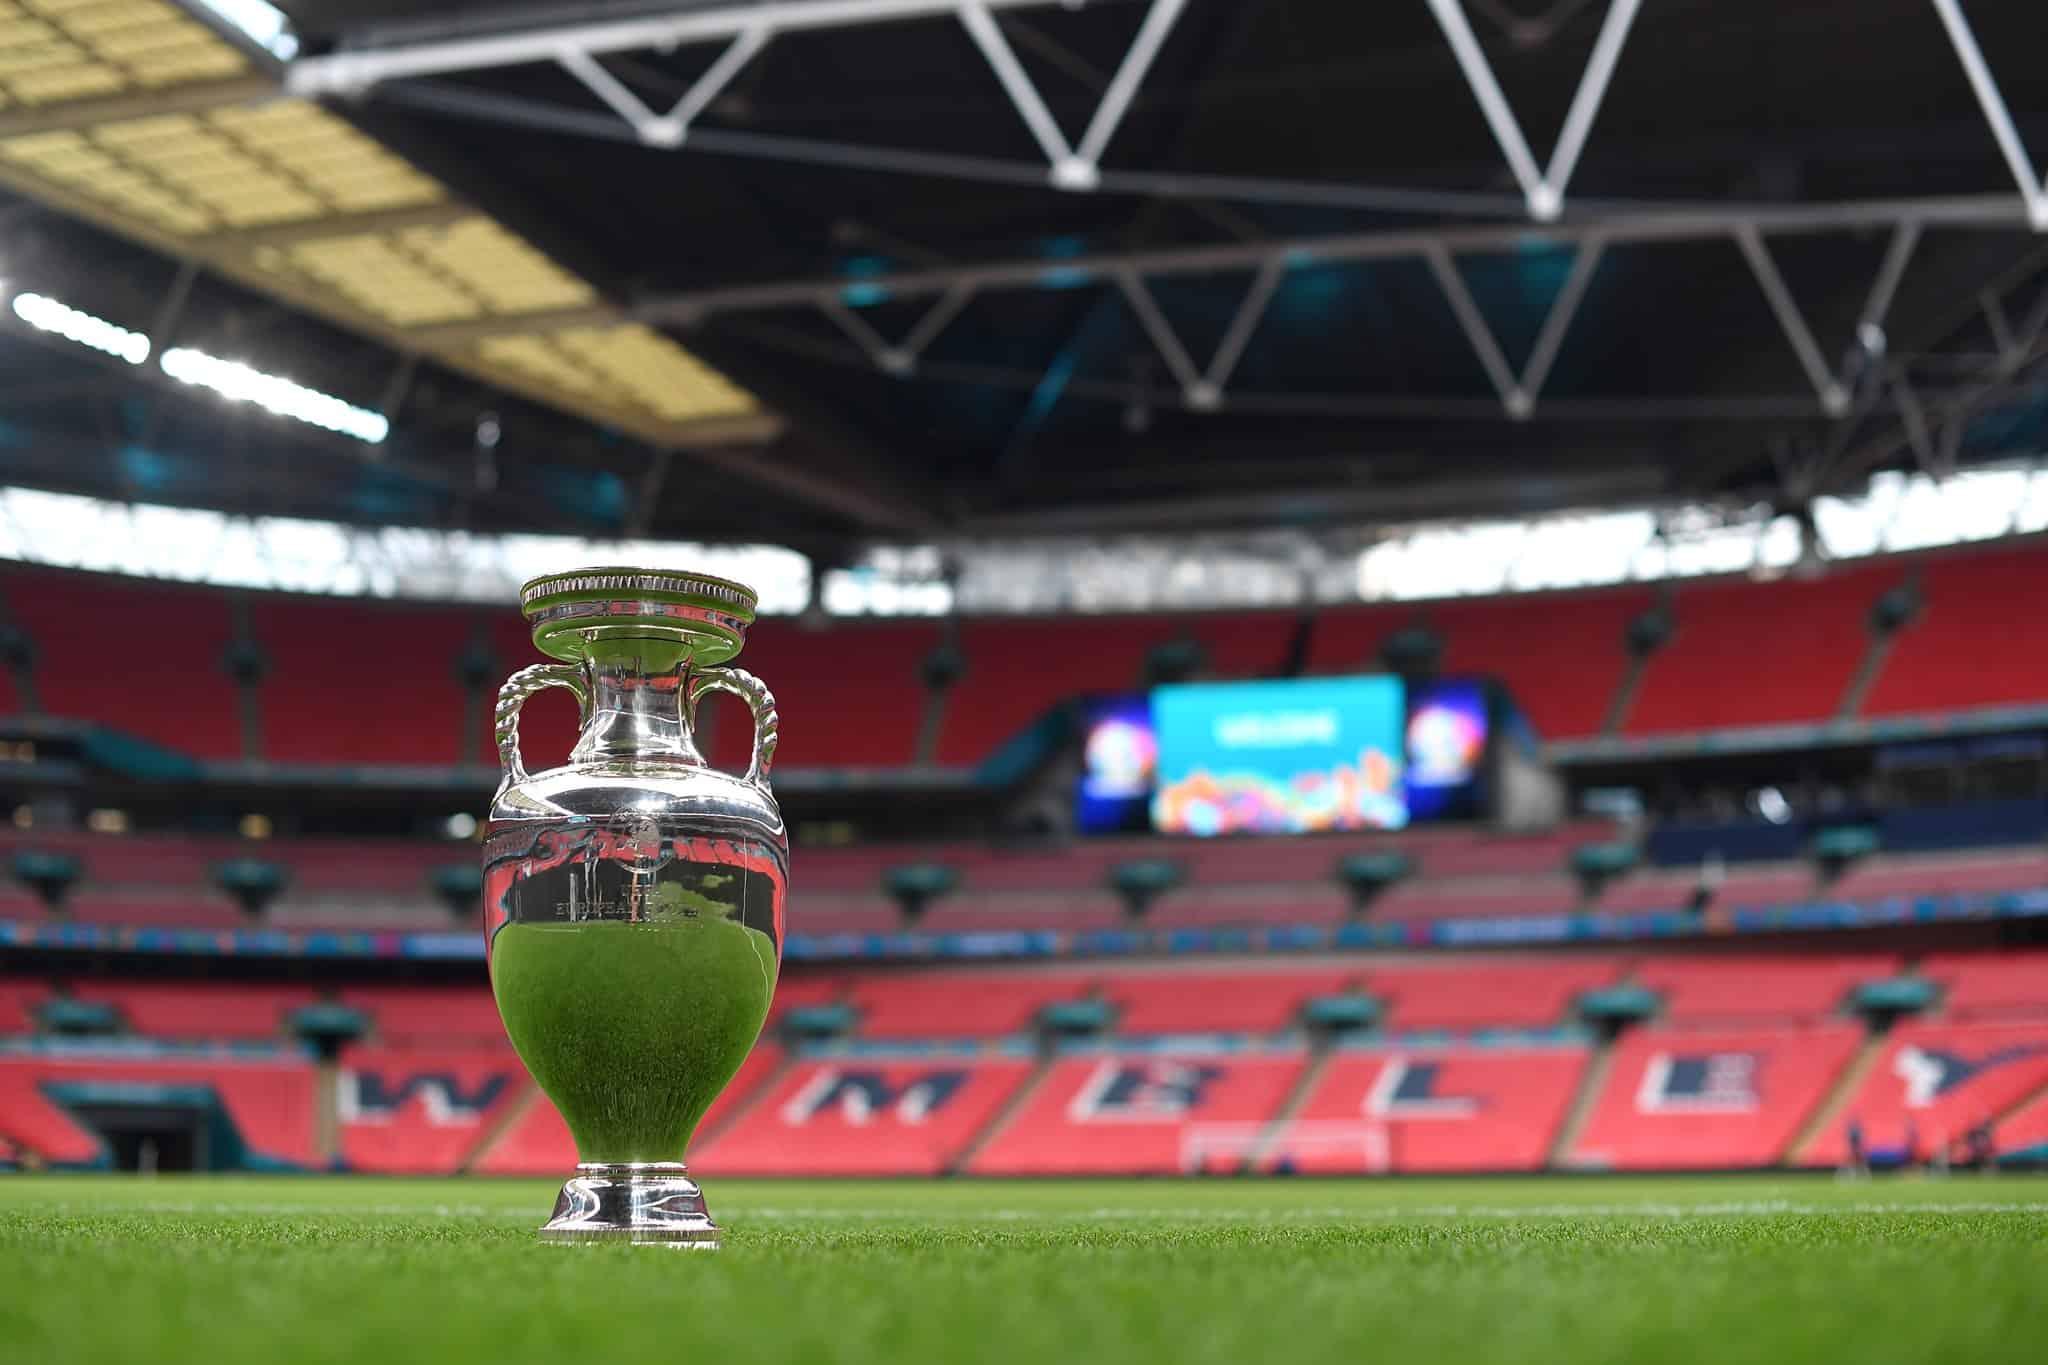 Verso Italia-Inghilterra, Southgate cambia: dentro Trippier e difesa a tre, clima caldissimo fuori Wembley